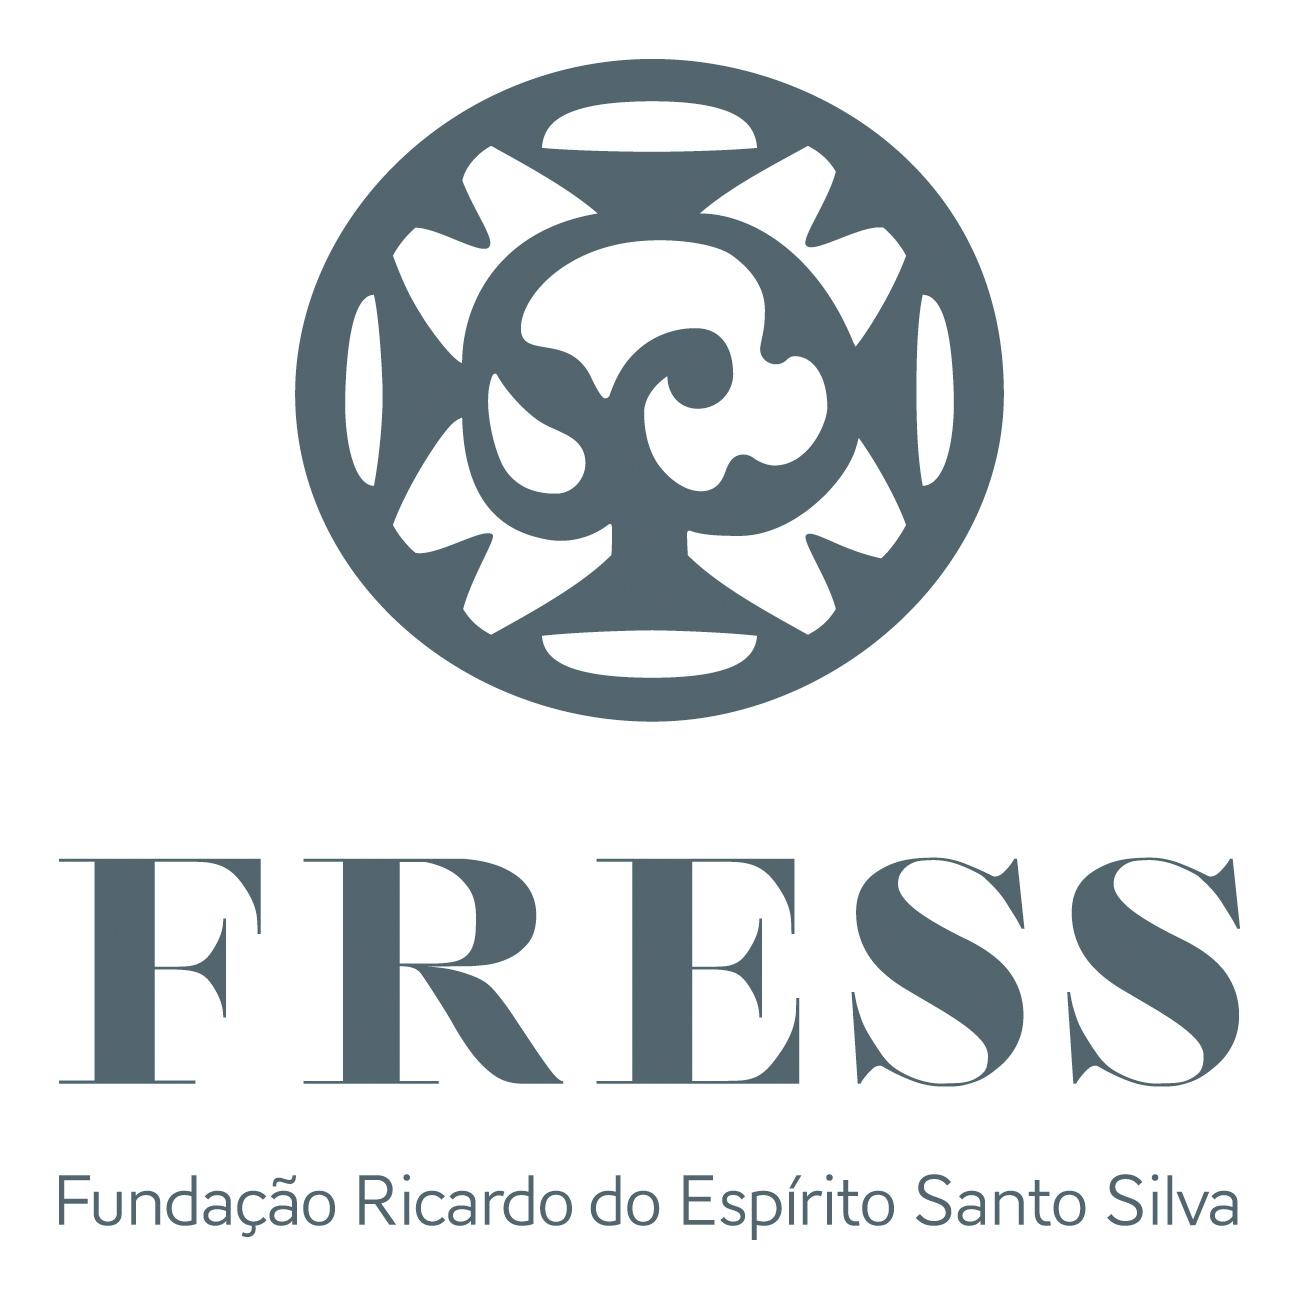 Fundação Ricardo do Espírito Santo Silva